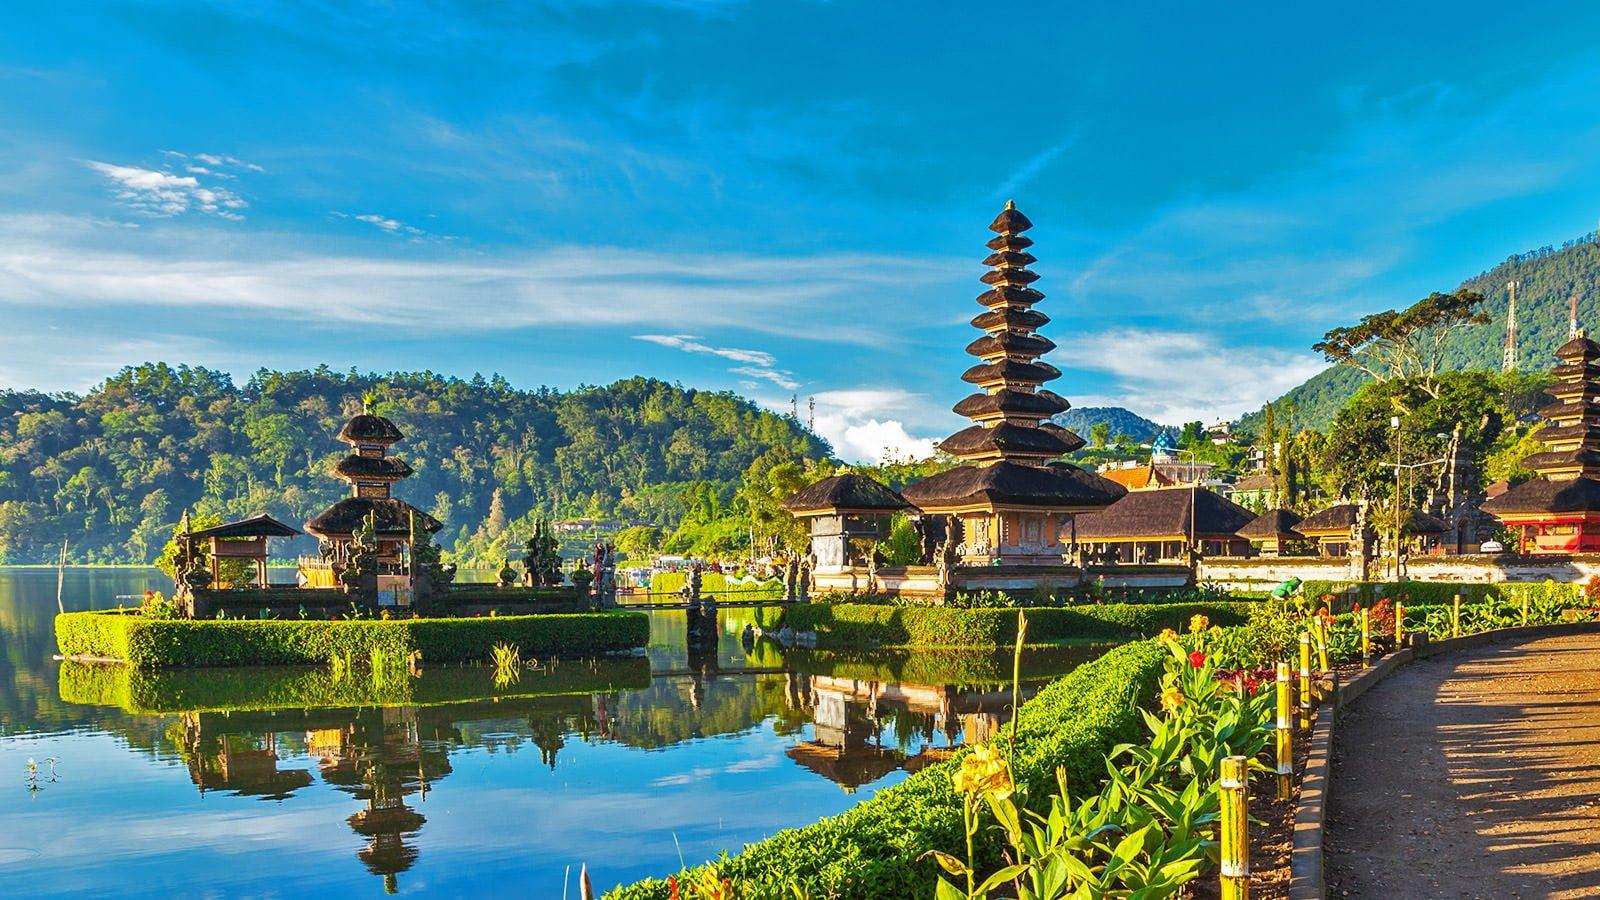 Rekomendasi Tempat Wisata Honeymoon Di Bali Sweetrip Indonesia